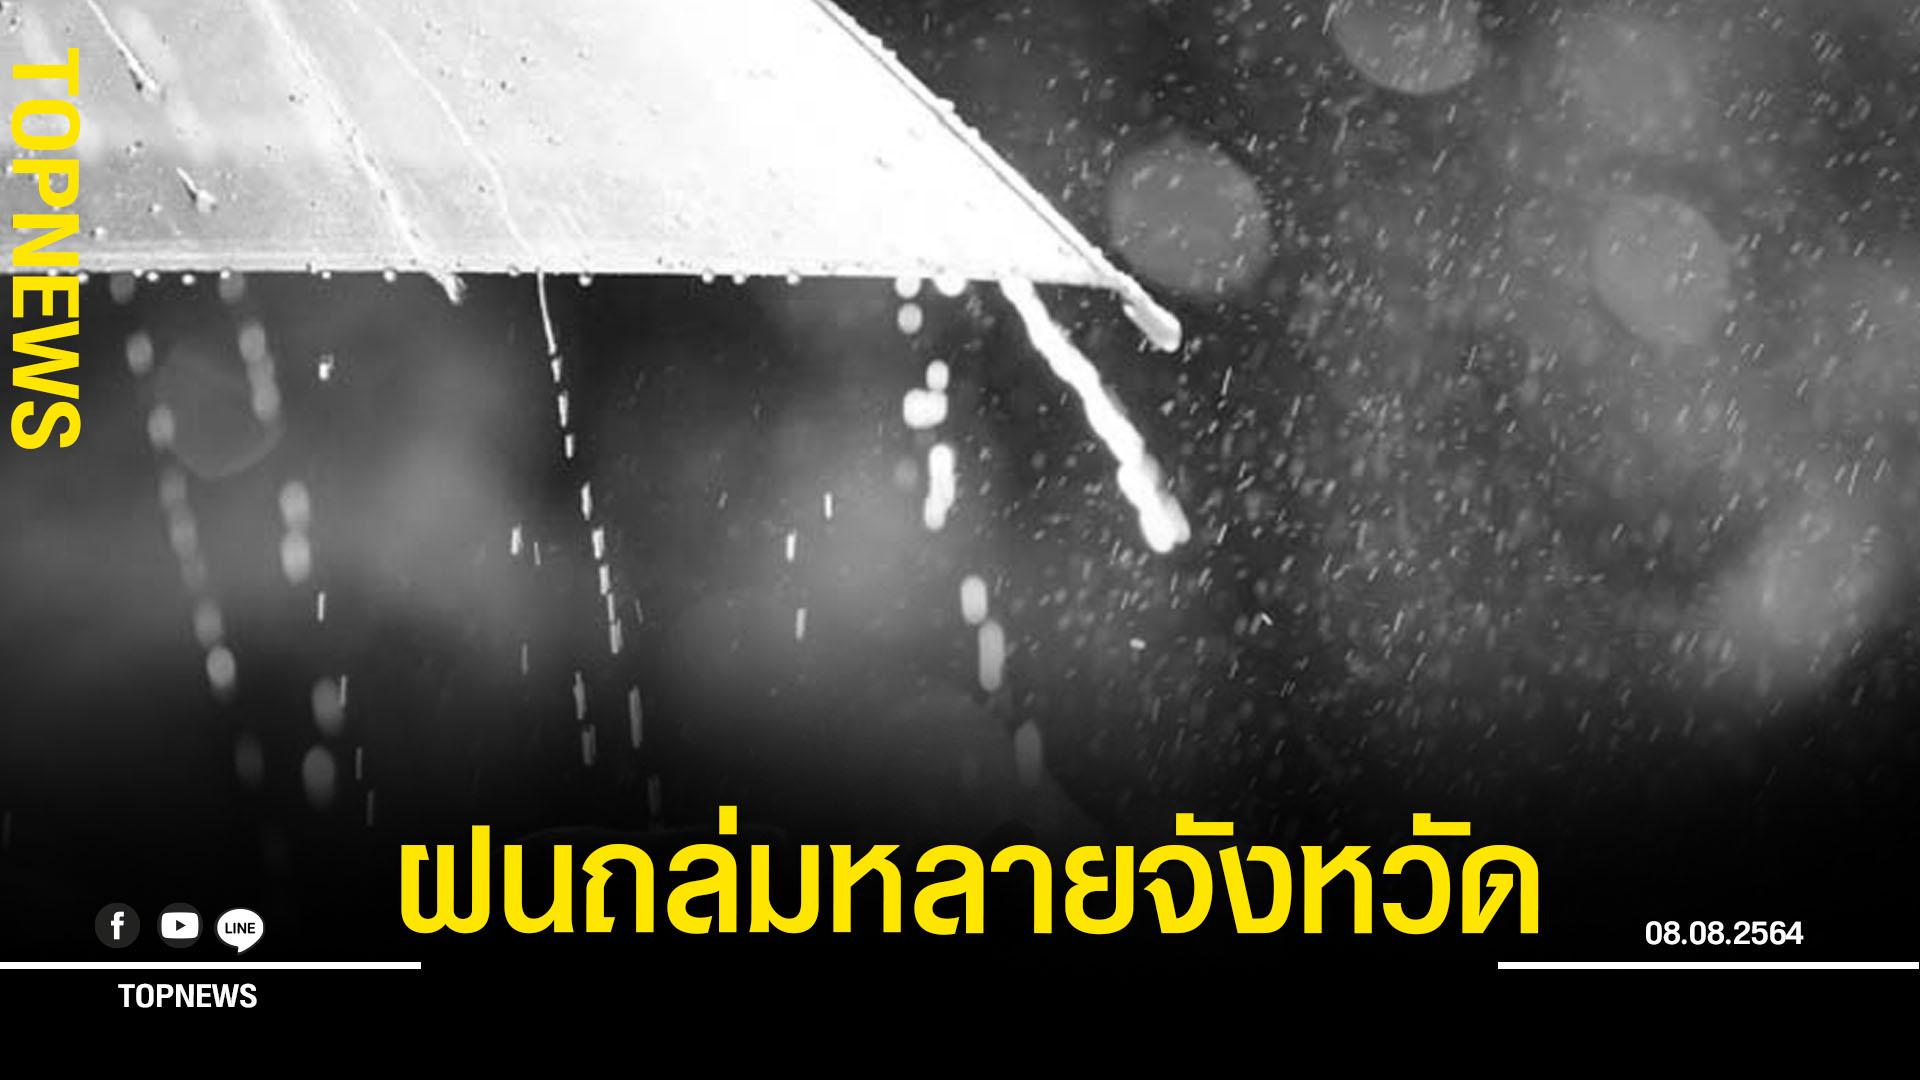 อุตุฯเตือน 37 จังหวัด รับมือฝน จับตาพายุหมุนเขตร้อน ทำฝนตกหนักช่วง วันที่ 19-20 ก.ย.นี้!